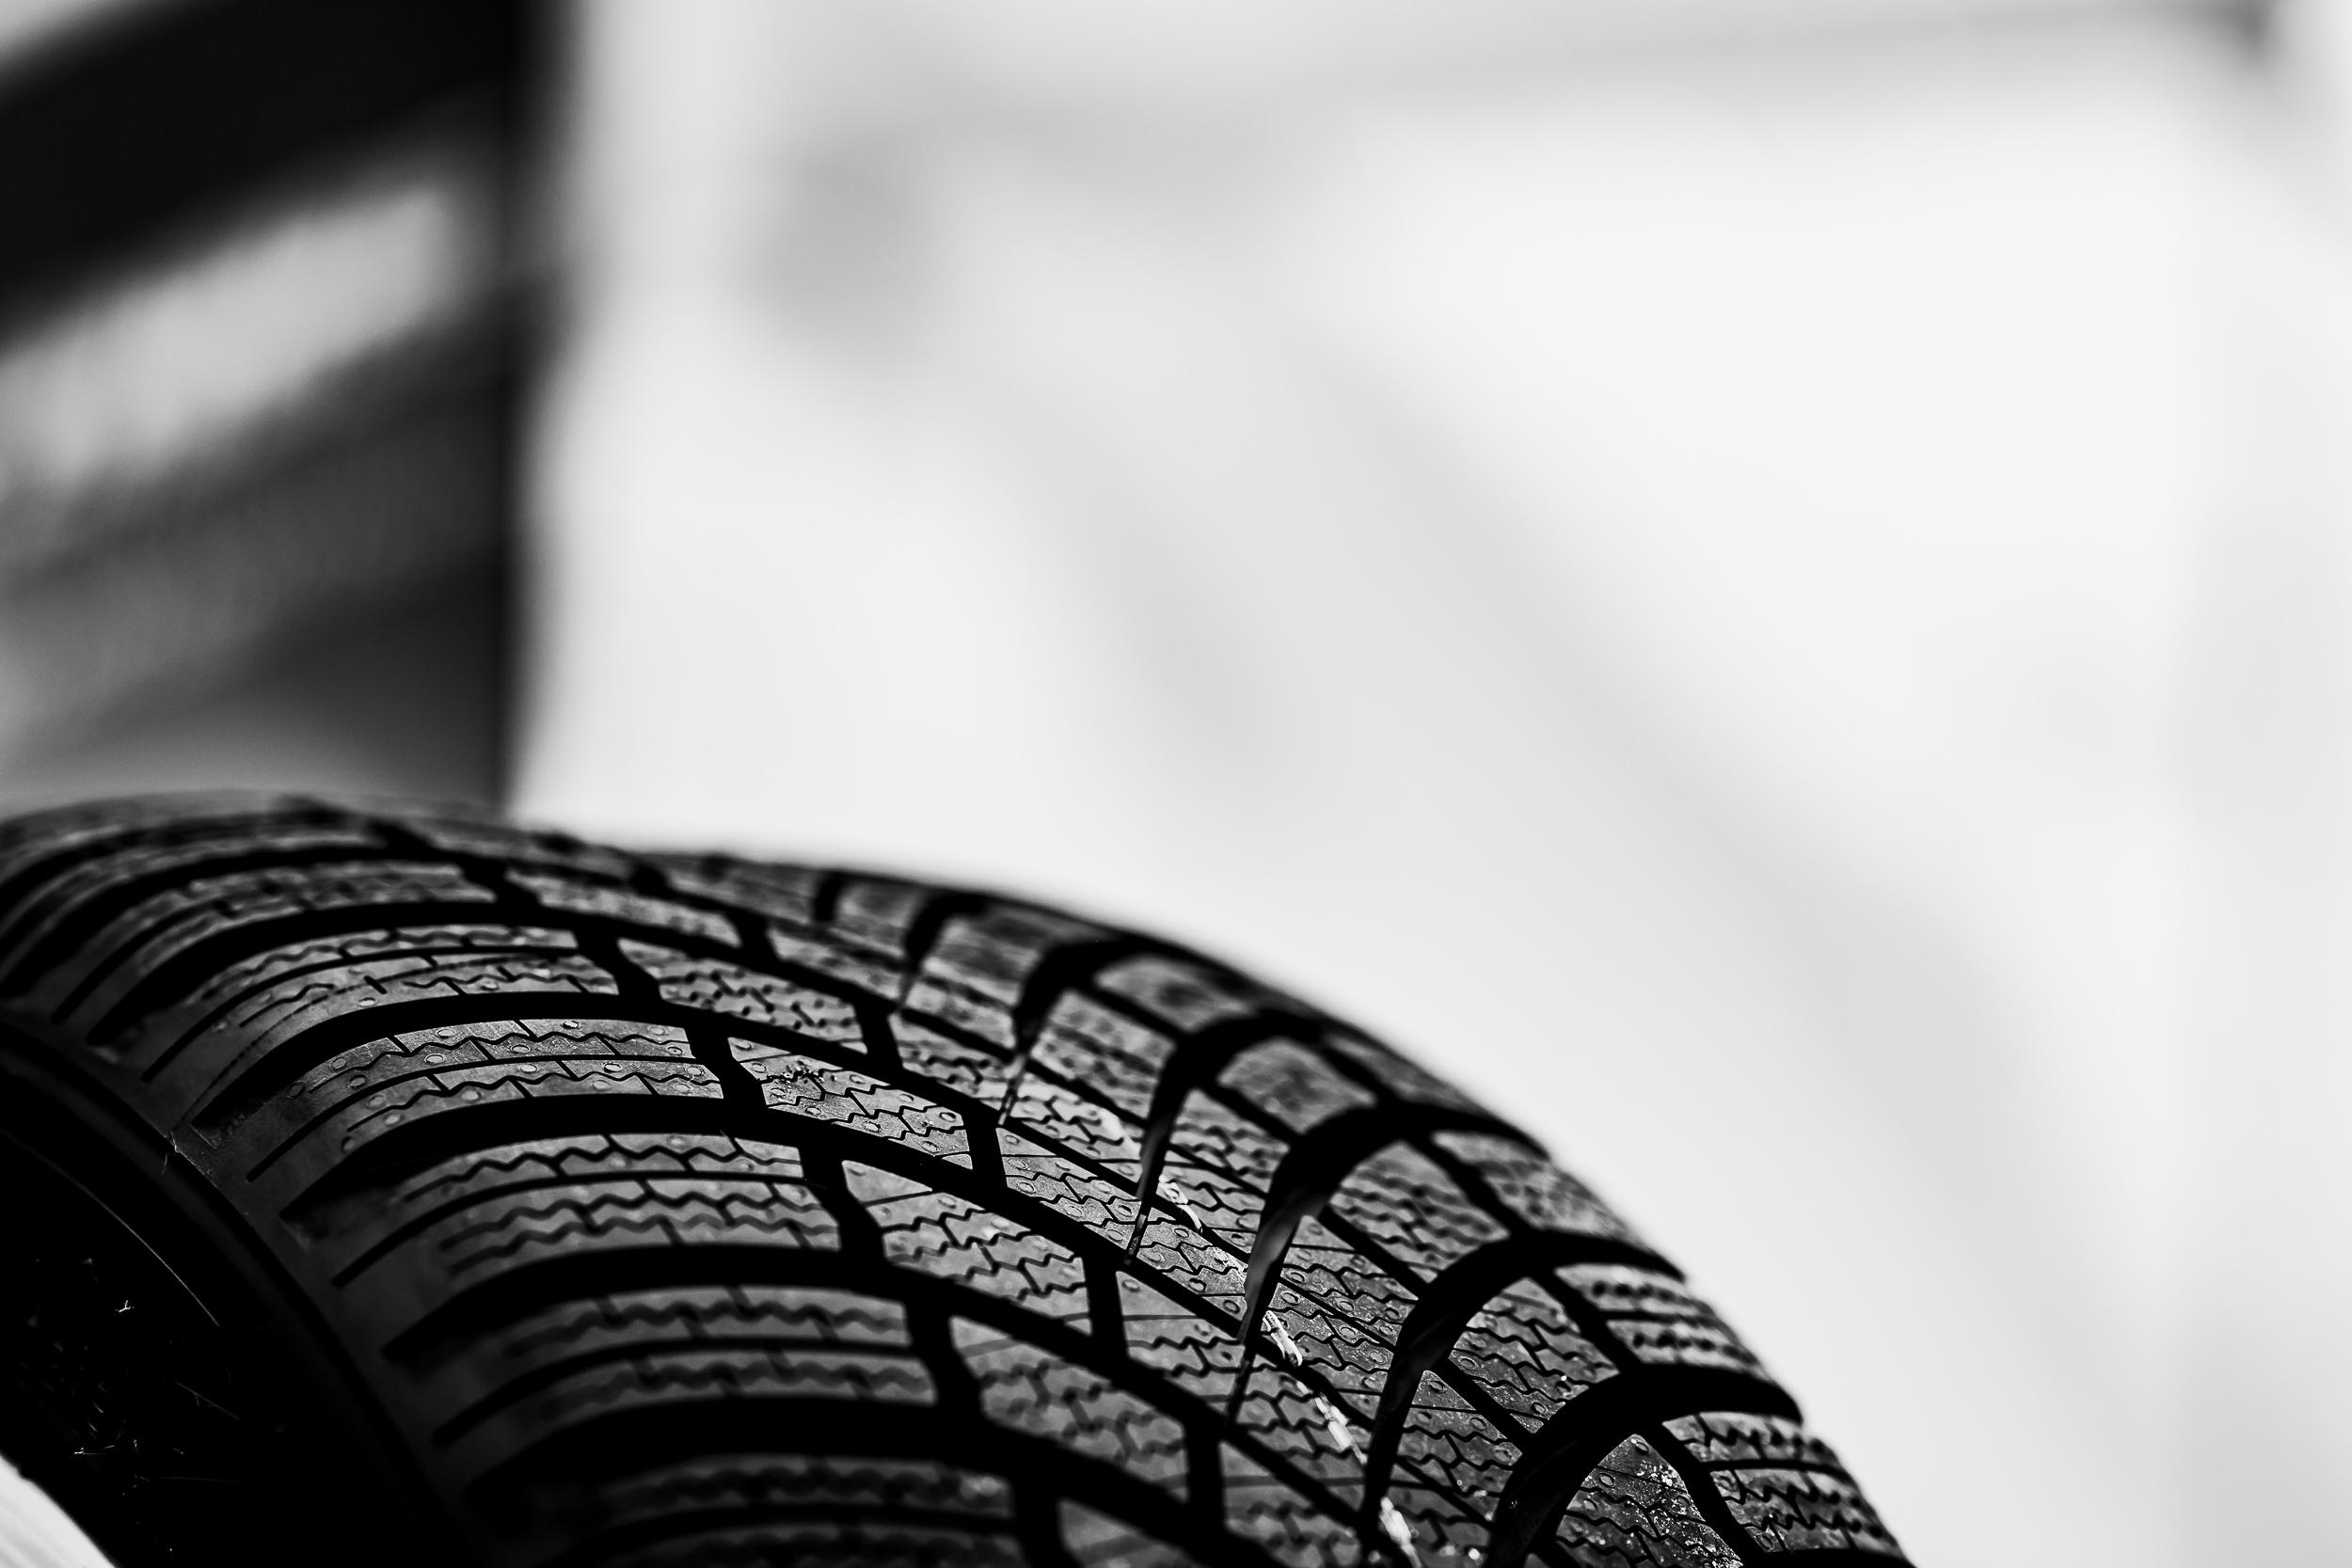 Bridgestone Blizzak LM005 Reifenprofil Detailaufnahme